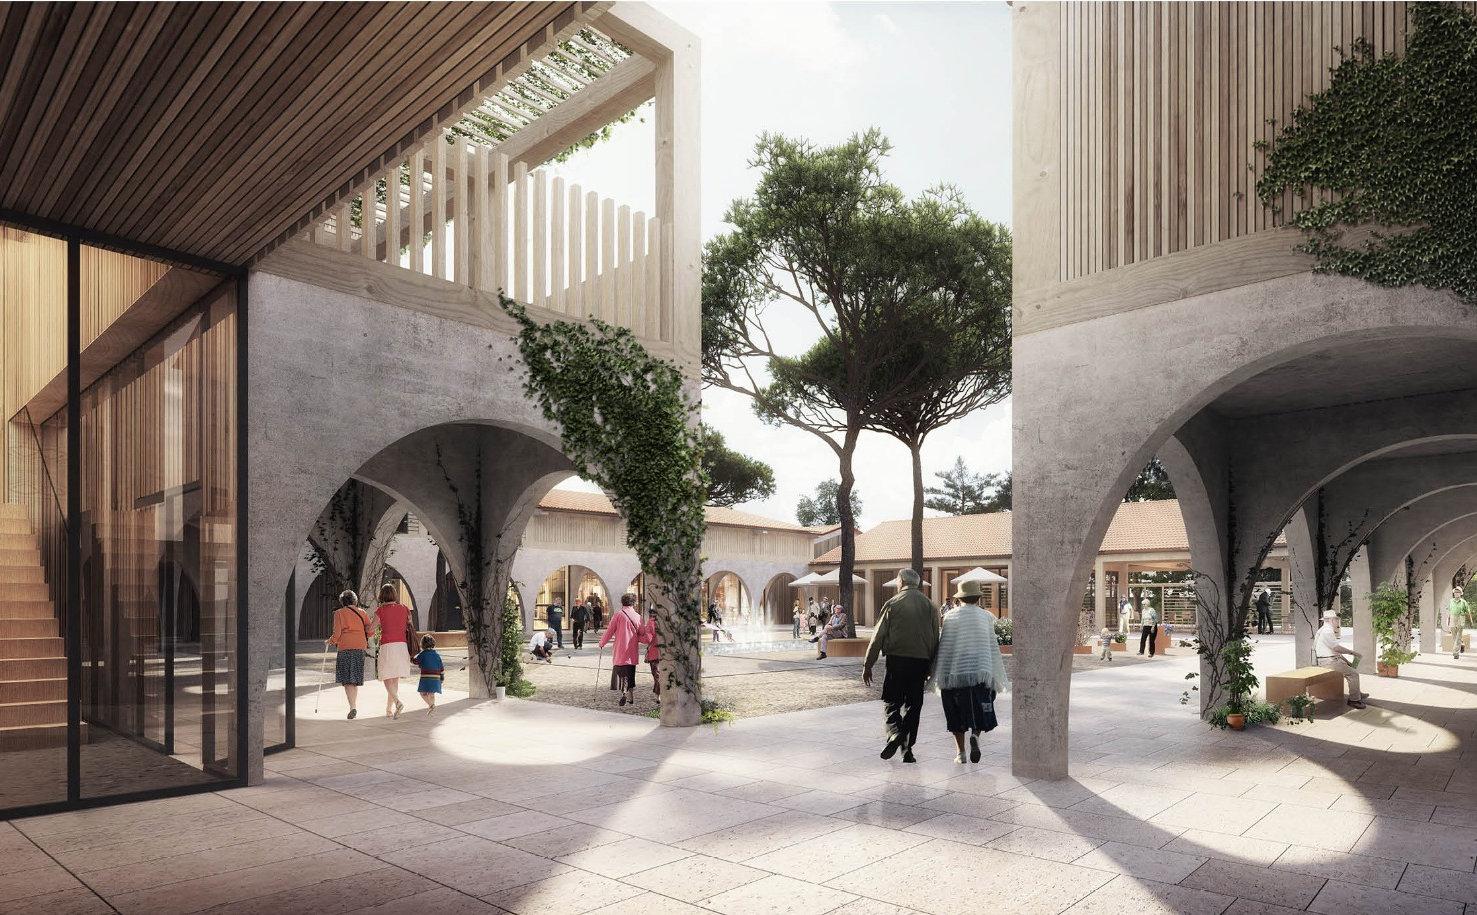 3D-visualisering af et atrium i Alzheimer's Village projekteret af Nord Architects, der taler på symposiet